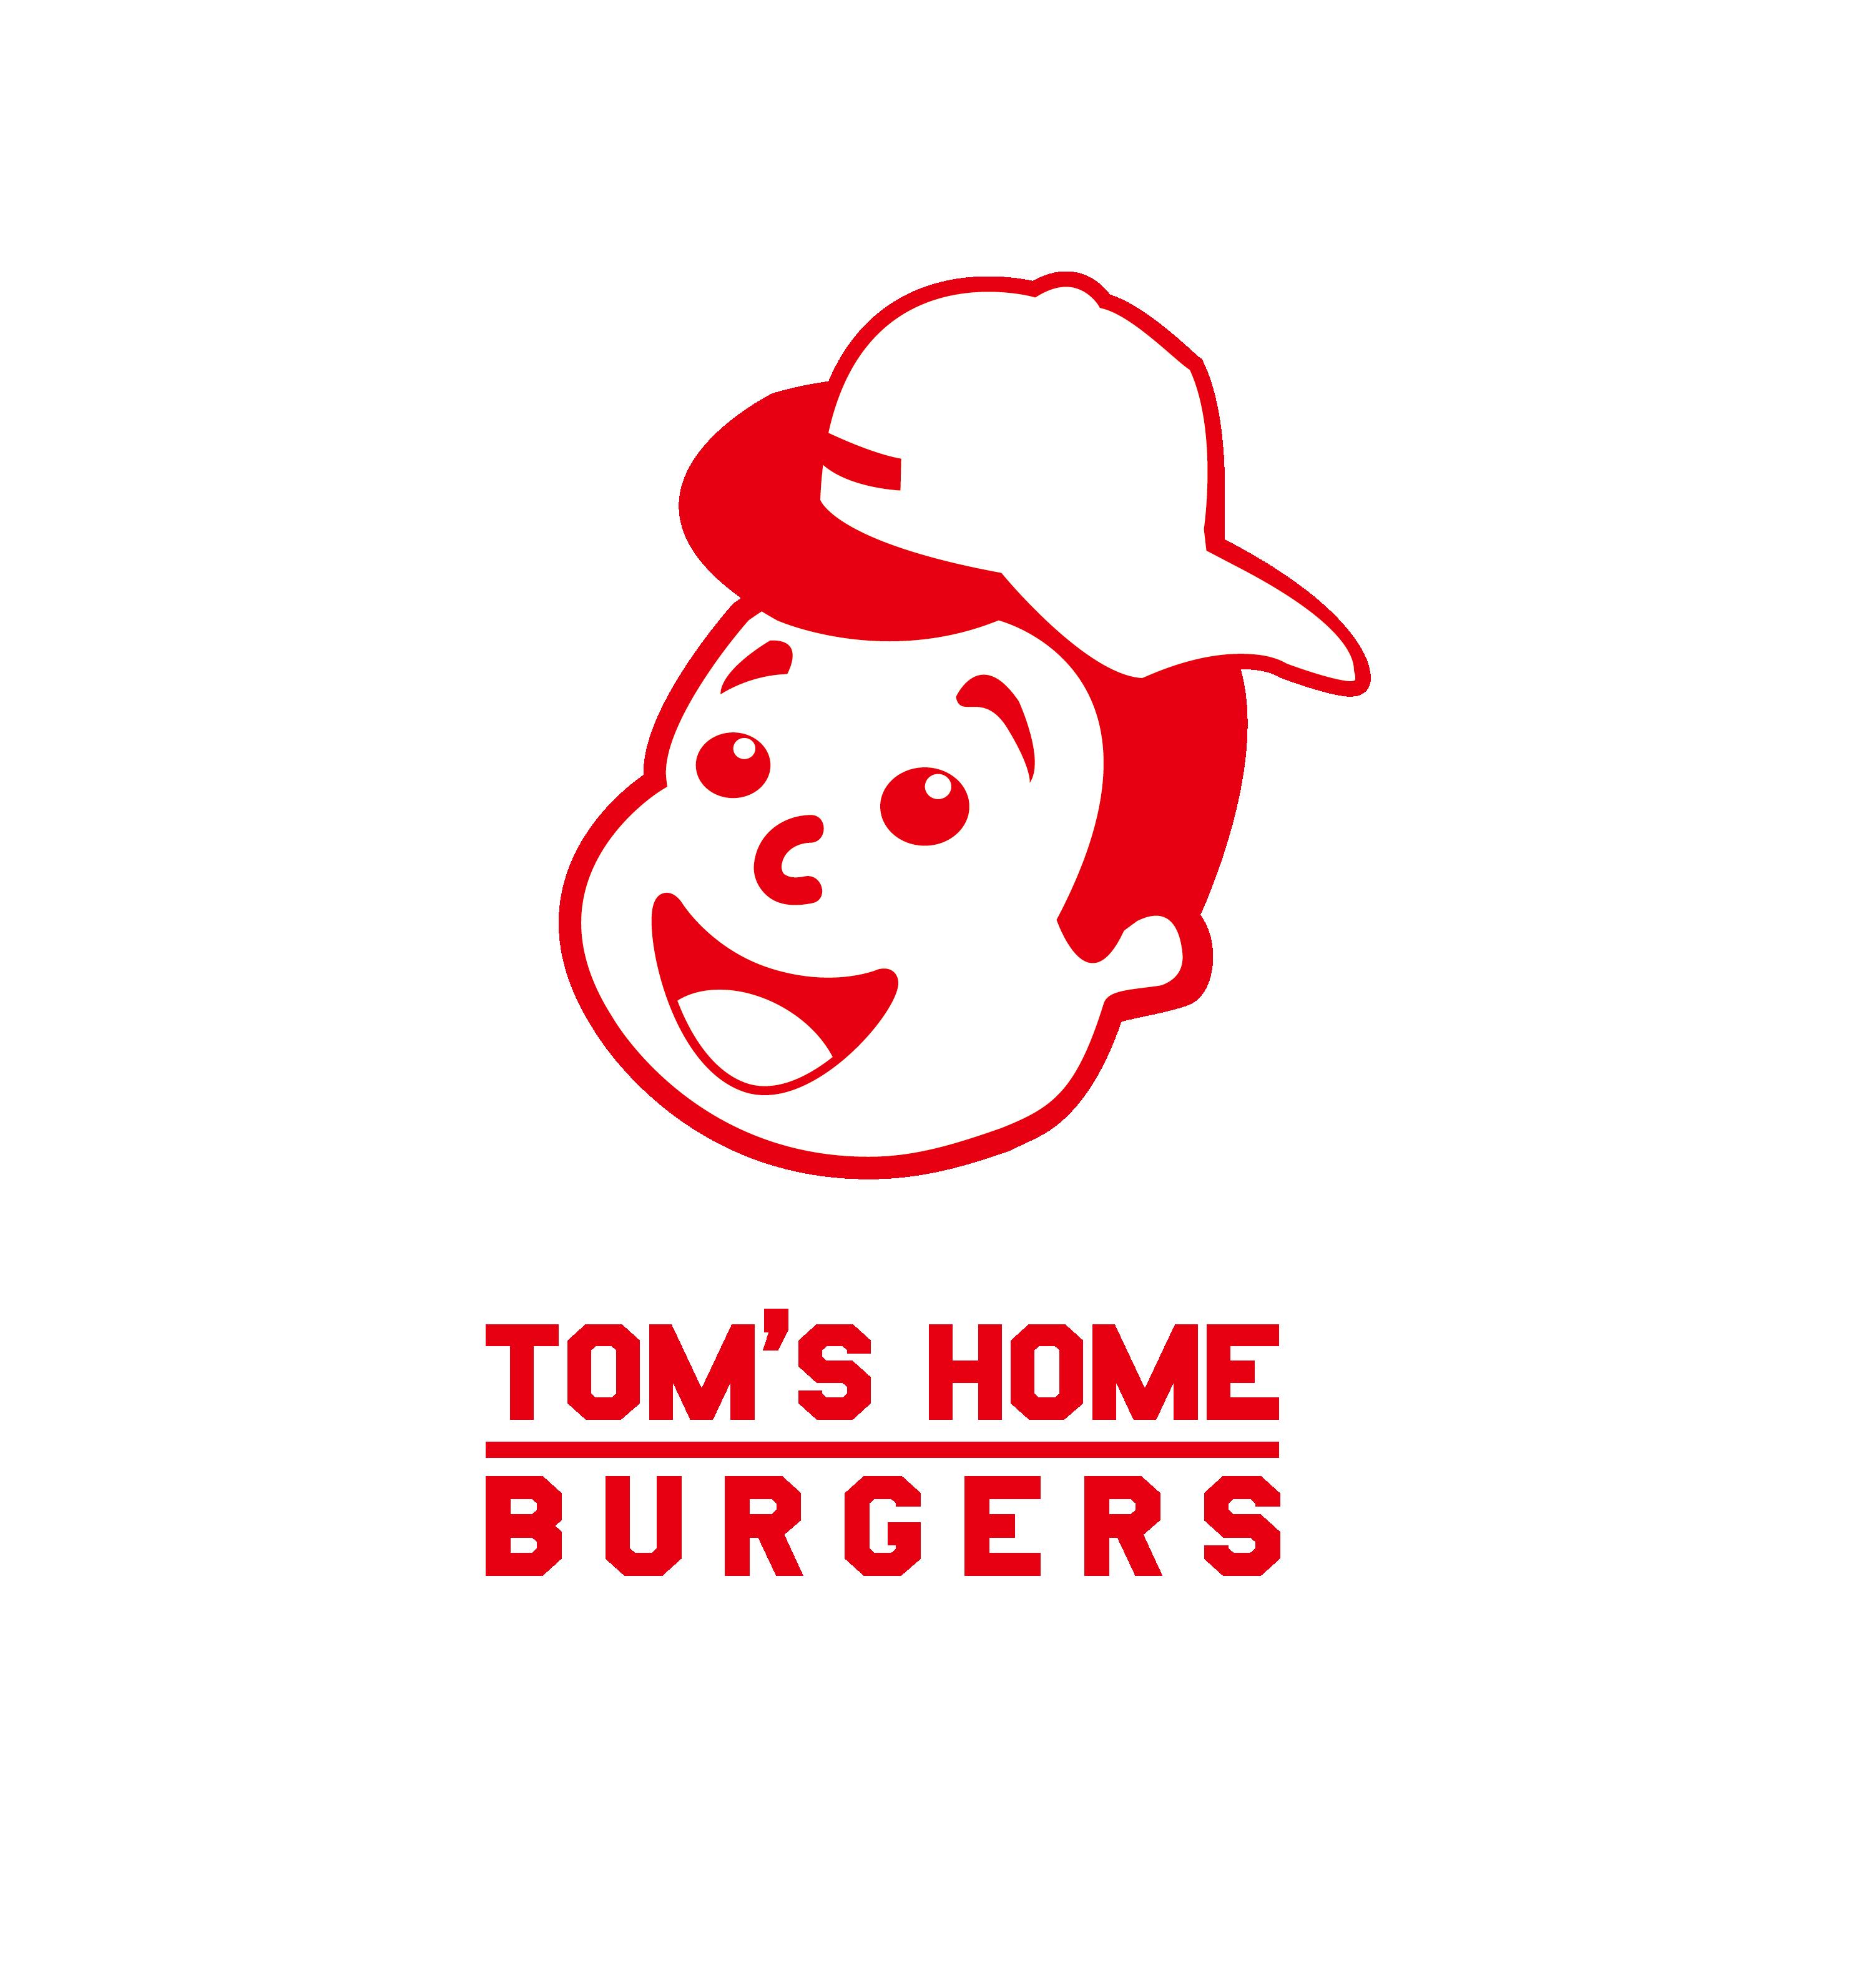 汤姆之家汉堡西式快餐